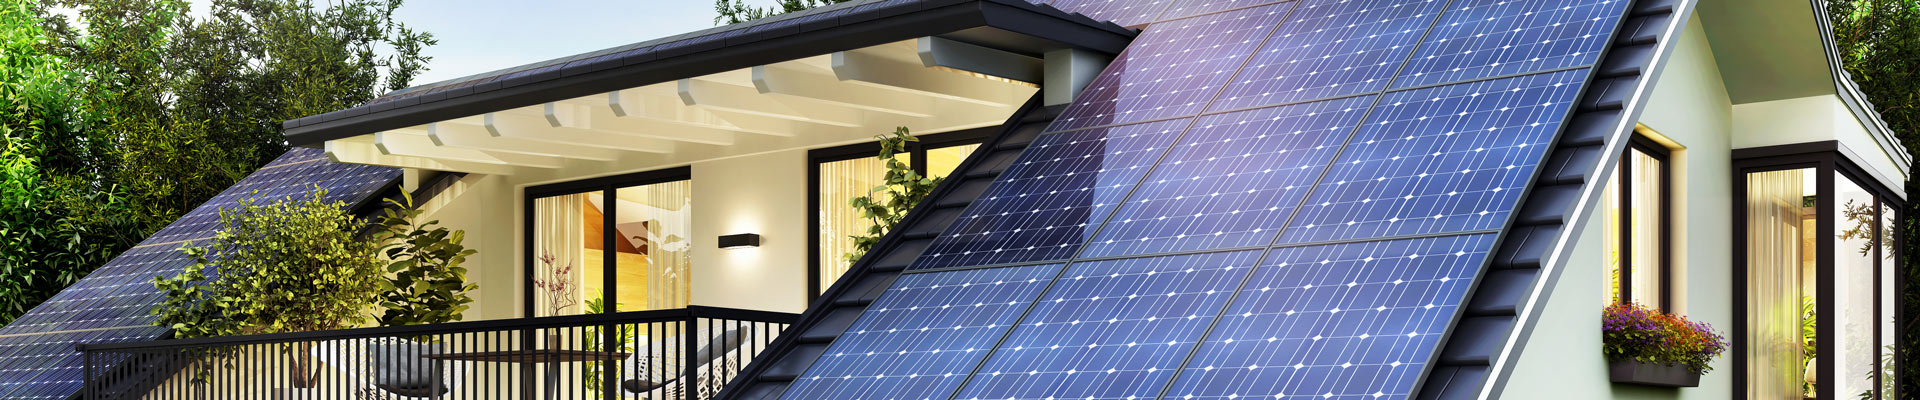 Solaranlage Innsbruck: Seitenteiler